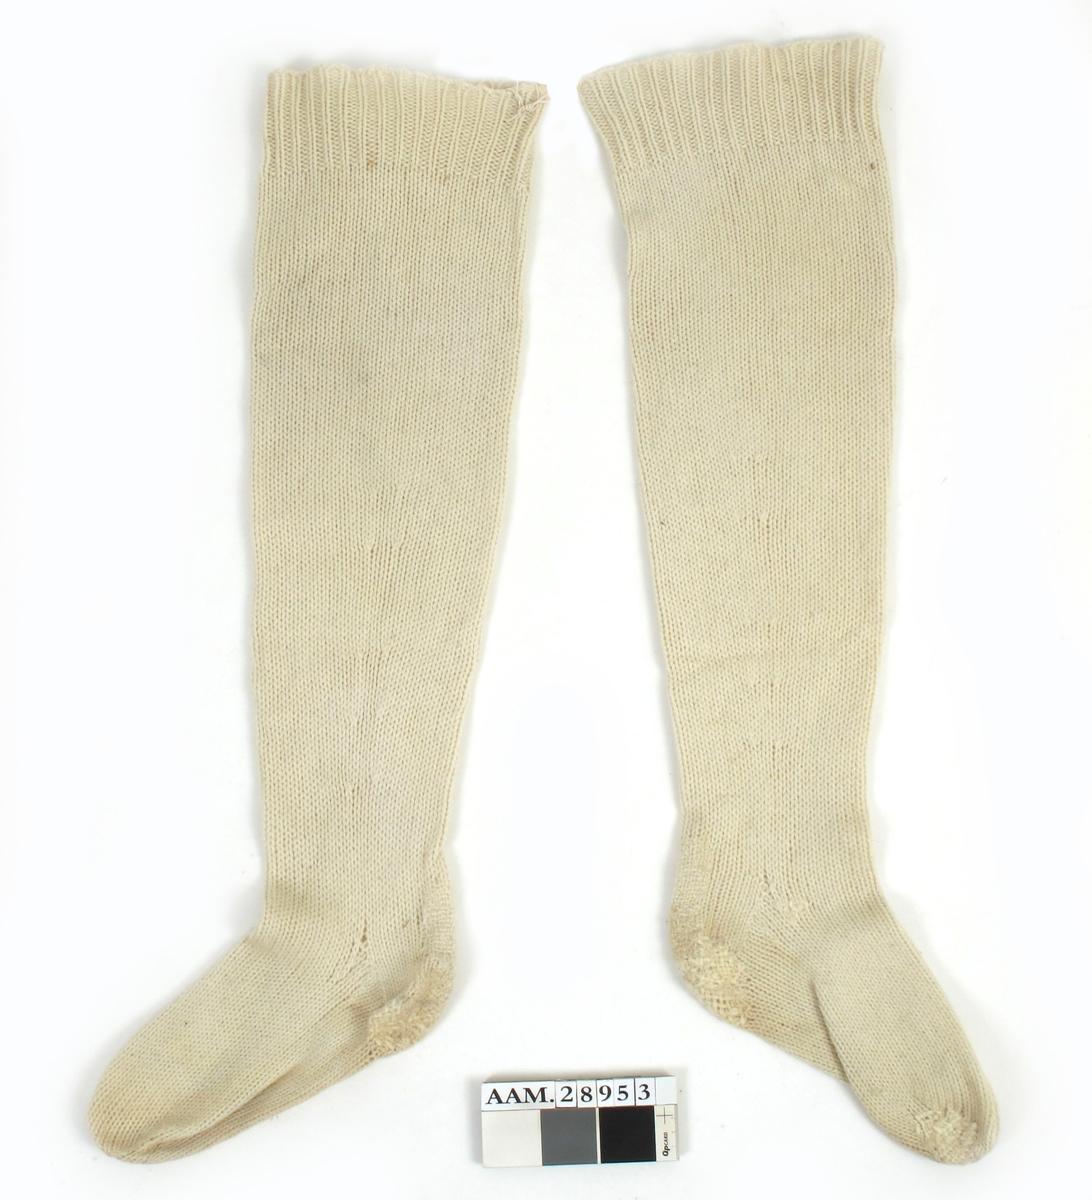 Undertøysett, maskinstrikket og fabrikkprodusert av ull.  Deler:  a) Trøye   b) bukse   c-d ) strømper